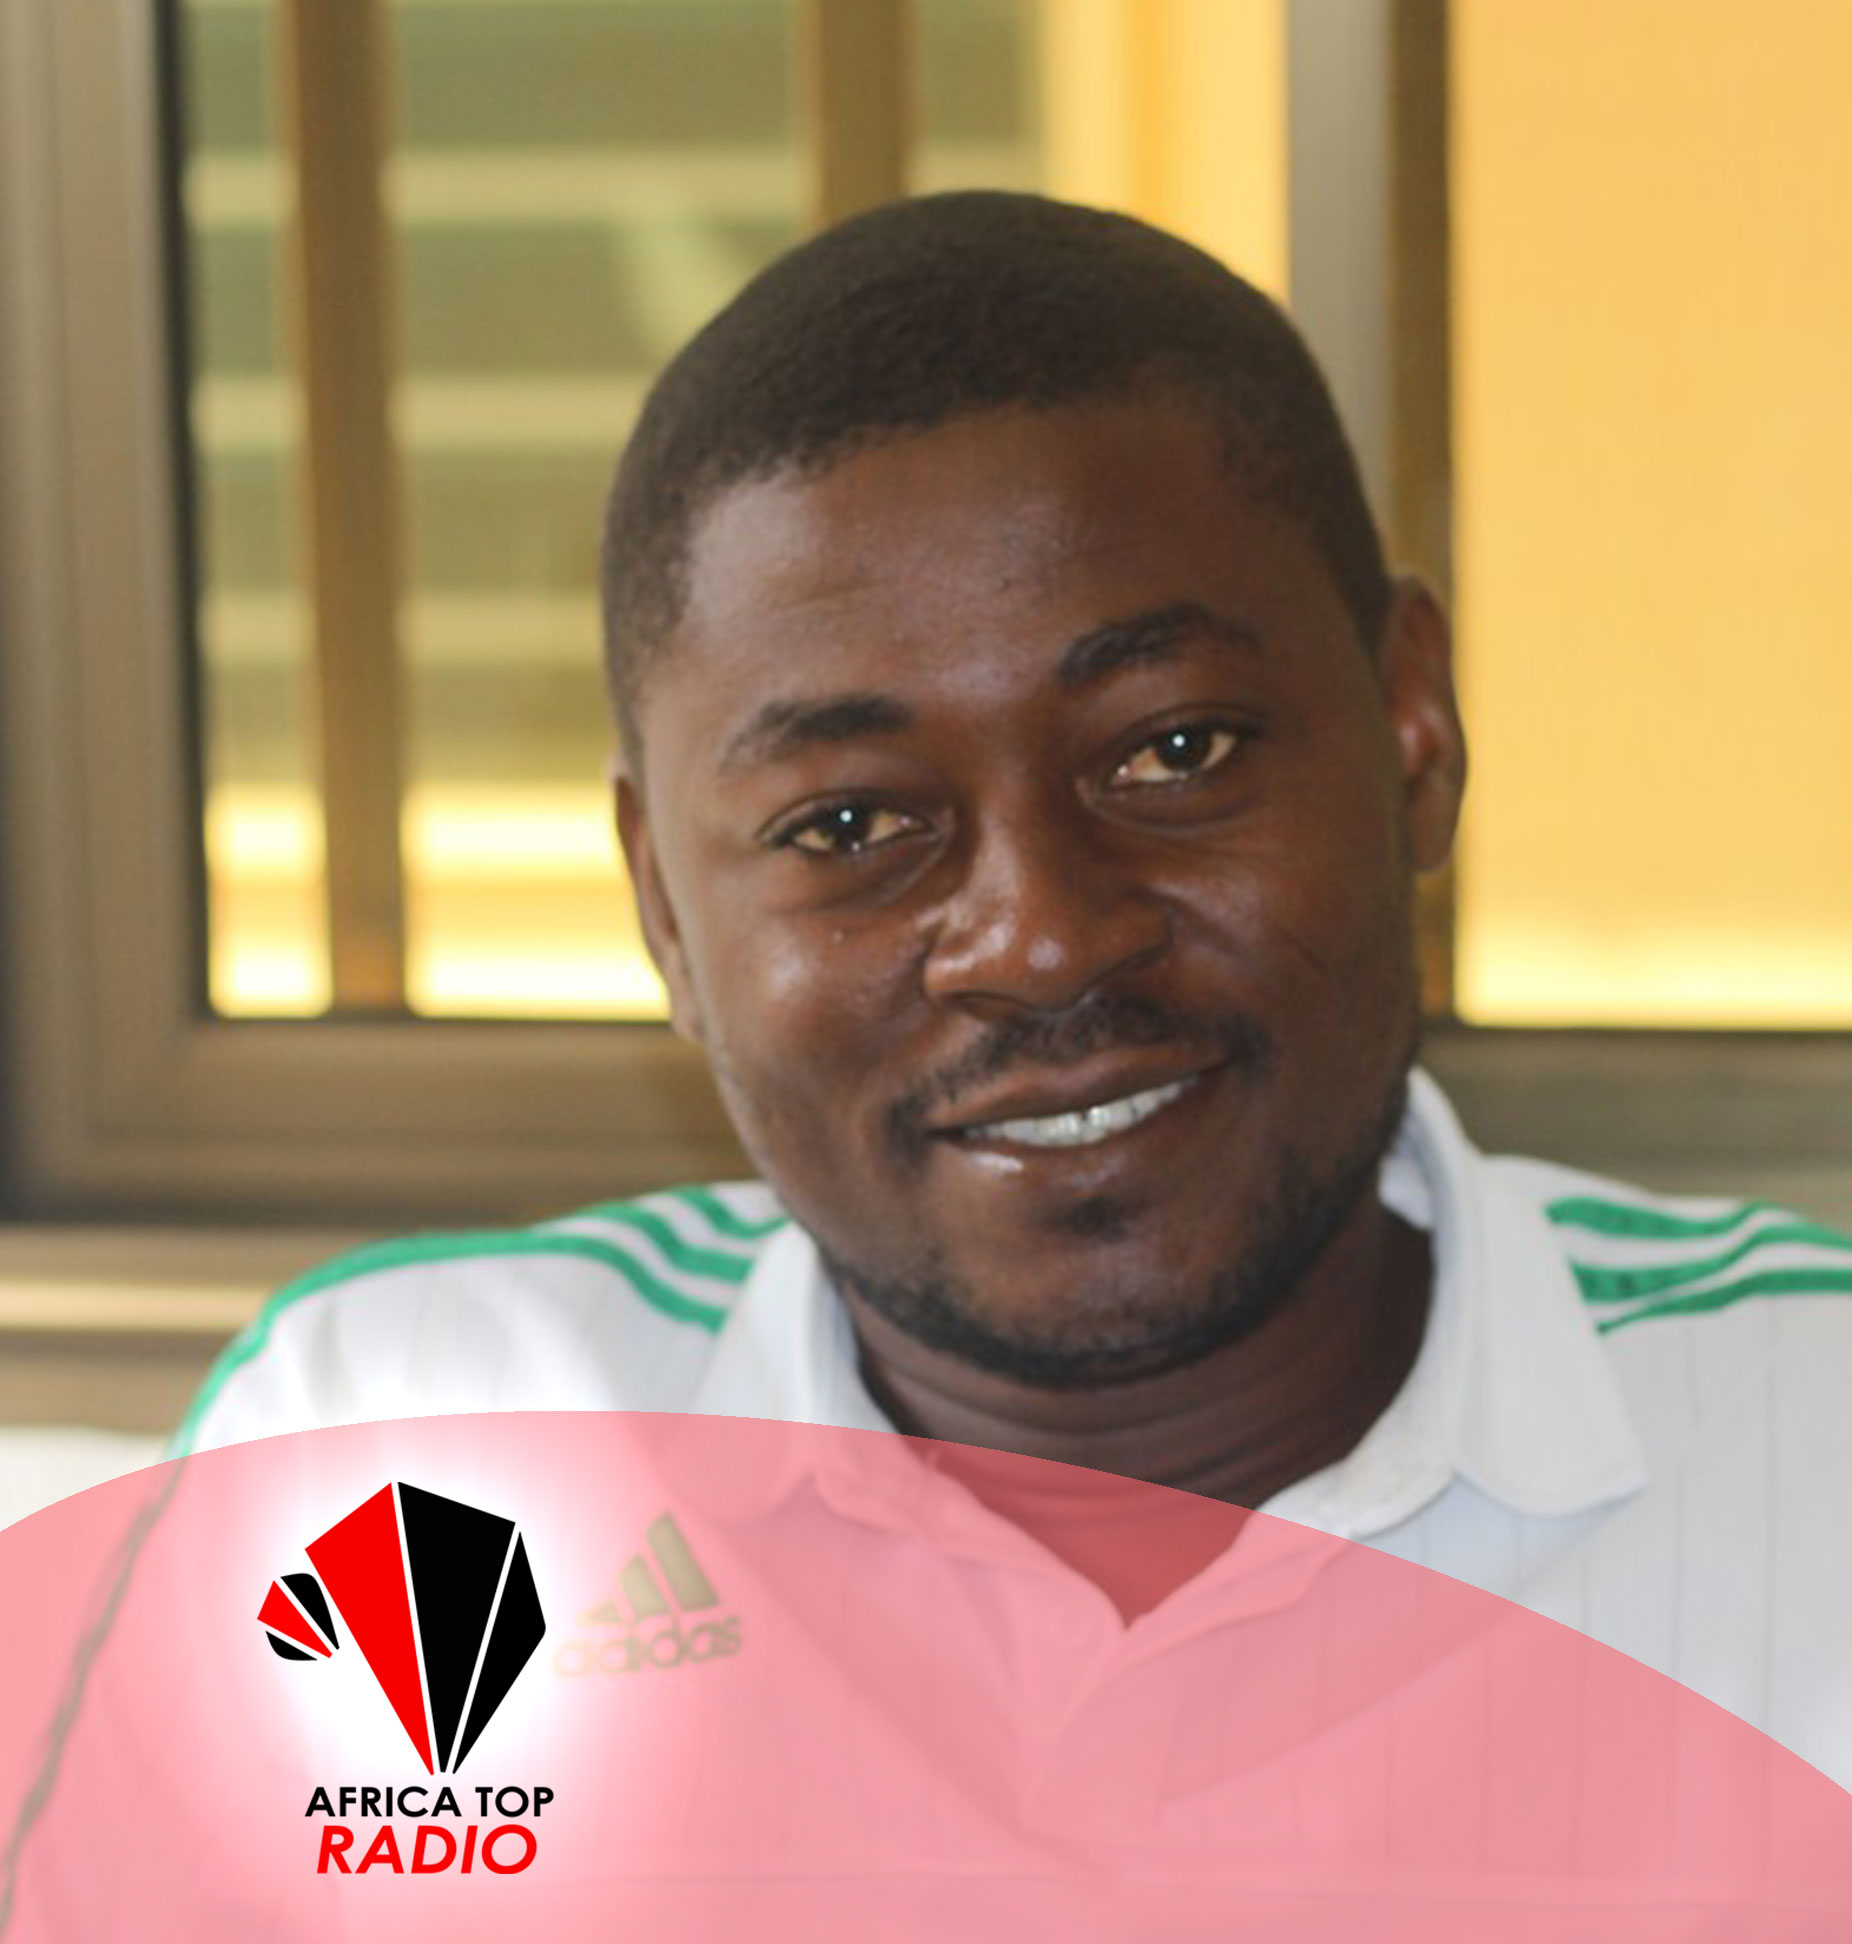 steven lavon africa top radio